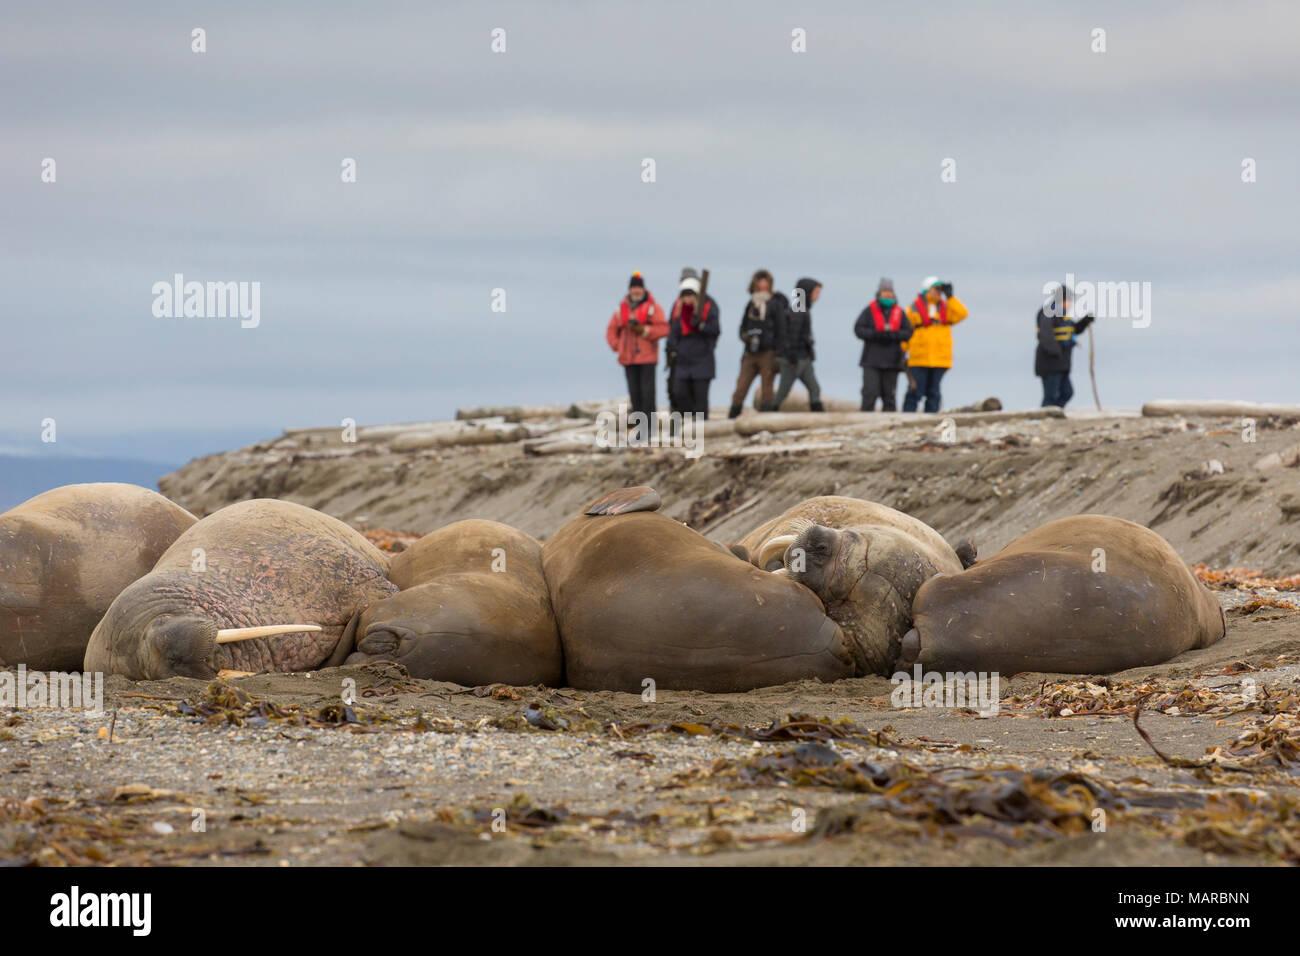 La morsa del Atlántico (Odobenus rosmarus). Turistas tomando fotos de walrusses en una playa. Svalbard, Noruega Imagen De Stock